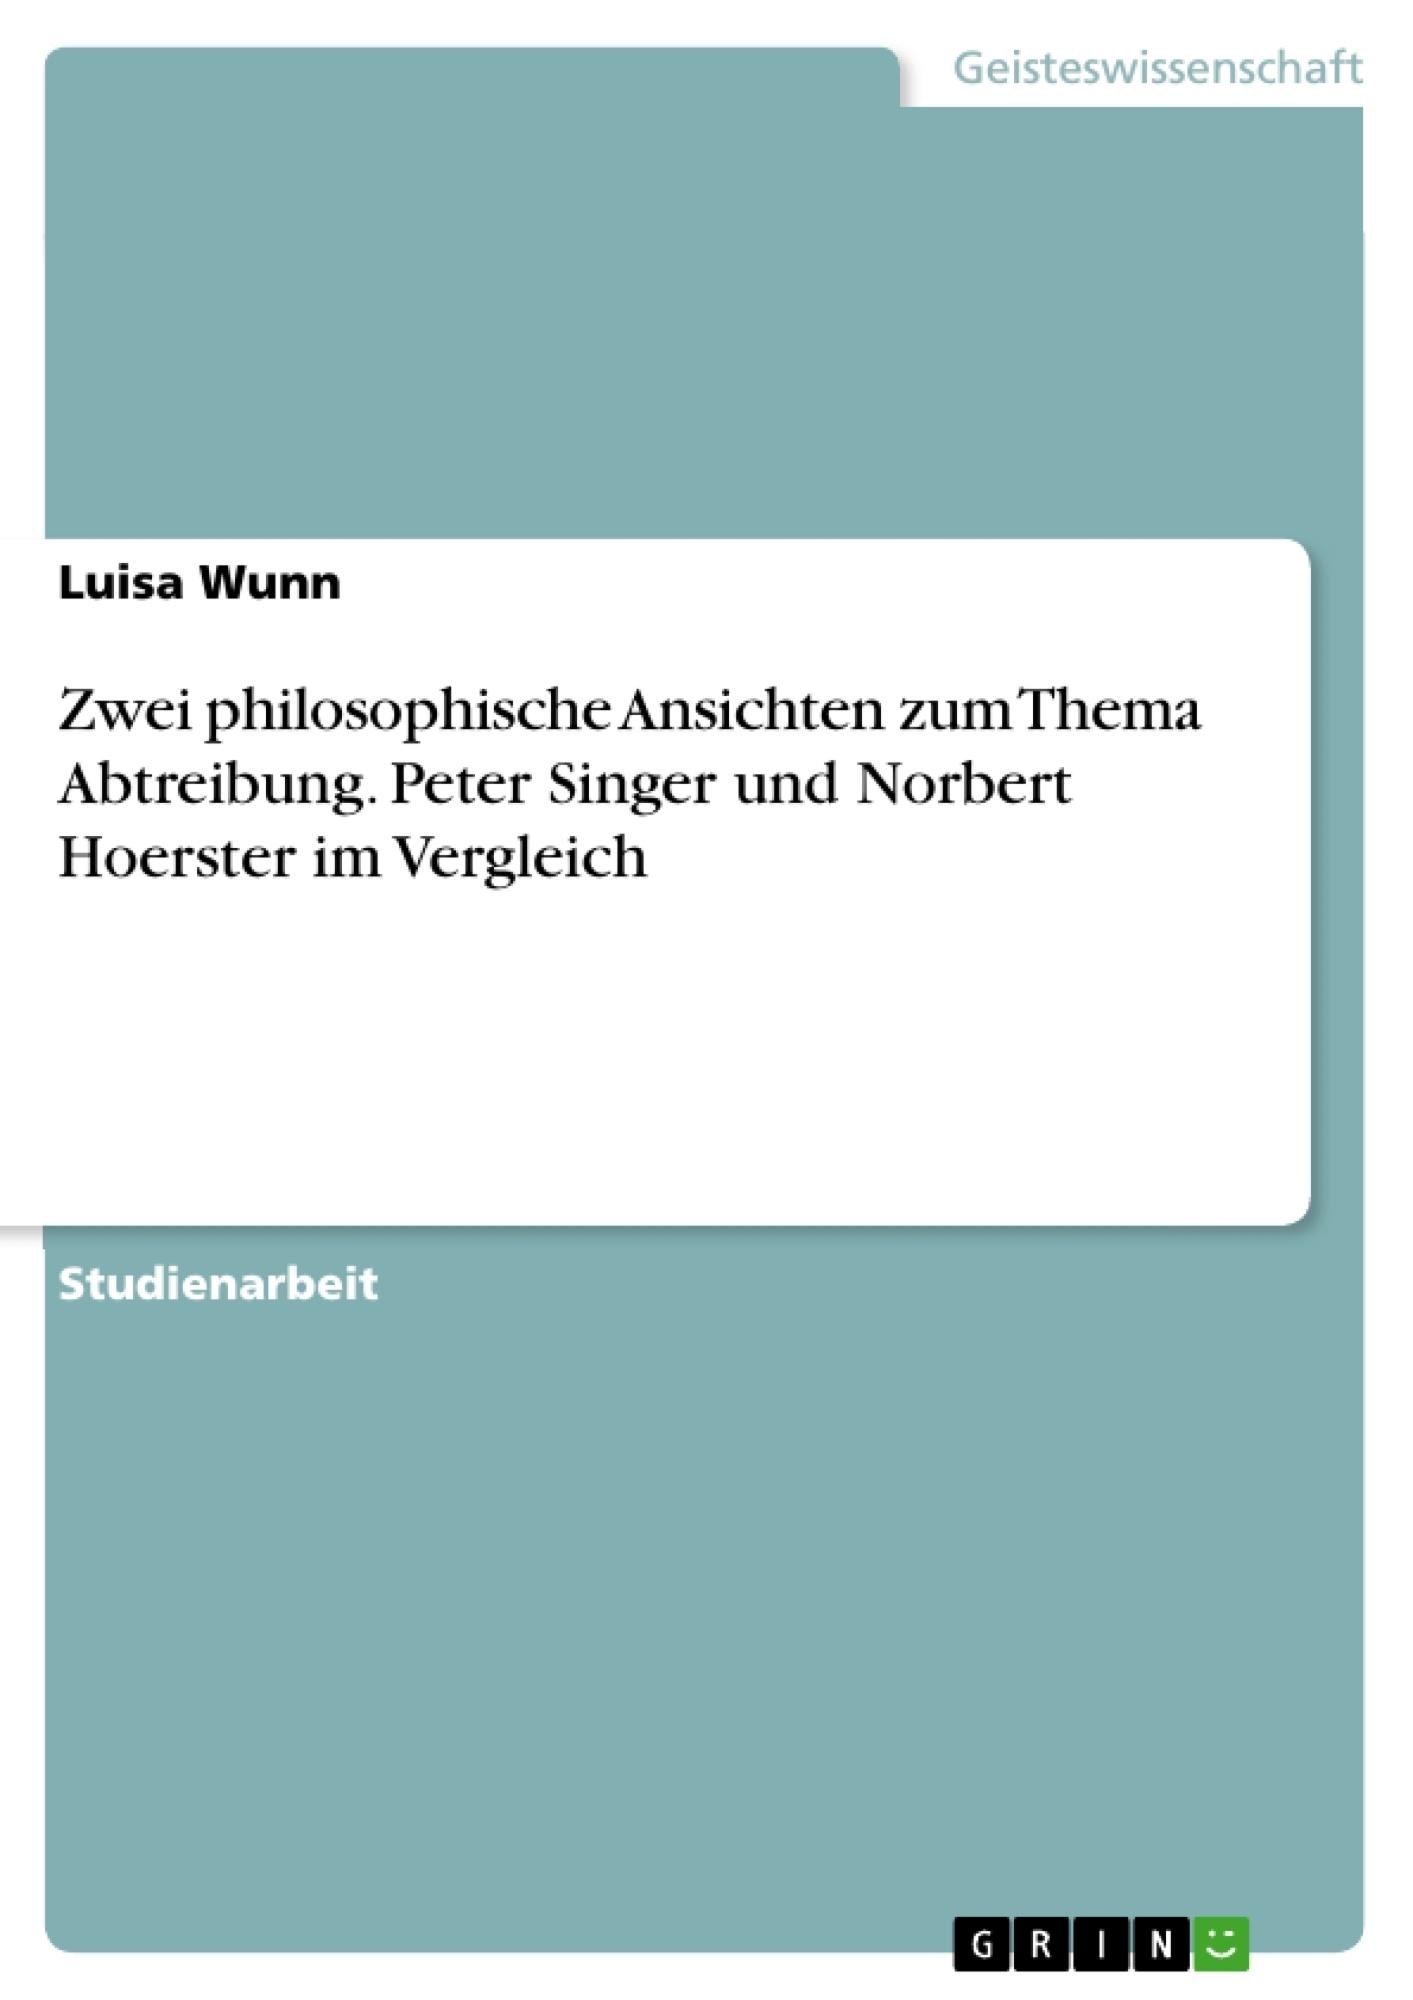 Titel: Zwei philosophische Ansichten zum Thema Abtreibung. Peter Singer und Norbert Hoerster im Vergleich